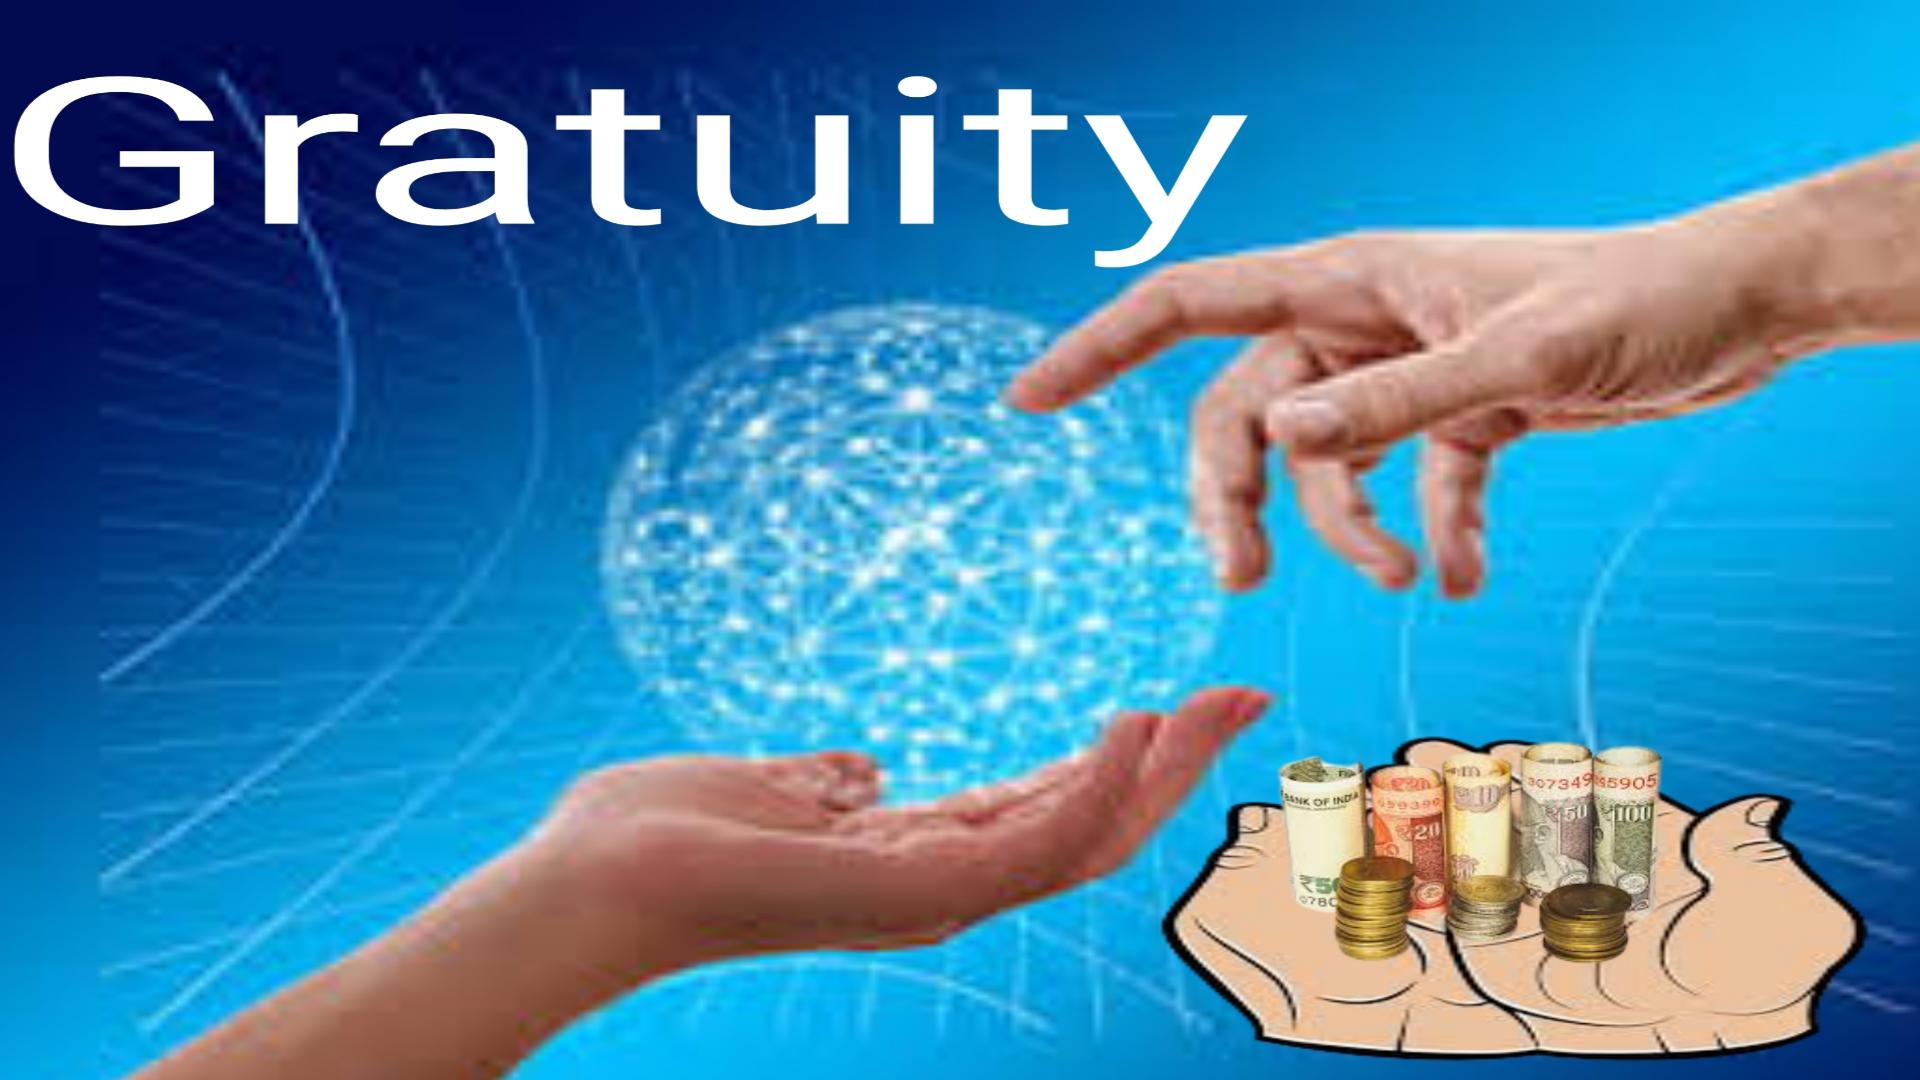 How gratuity is calculated in India - भारत में ग्रेच्युटी की गणना कैसे की जाती है